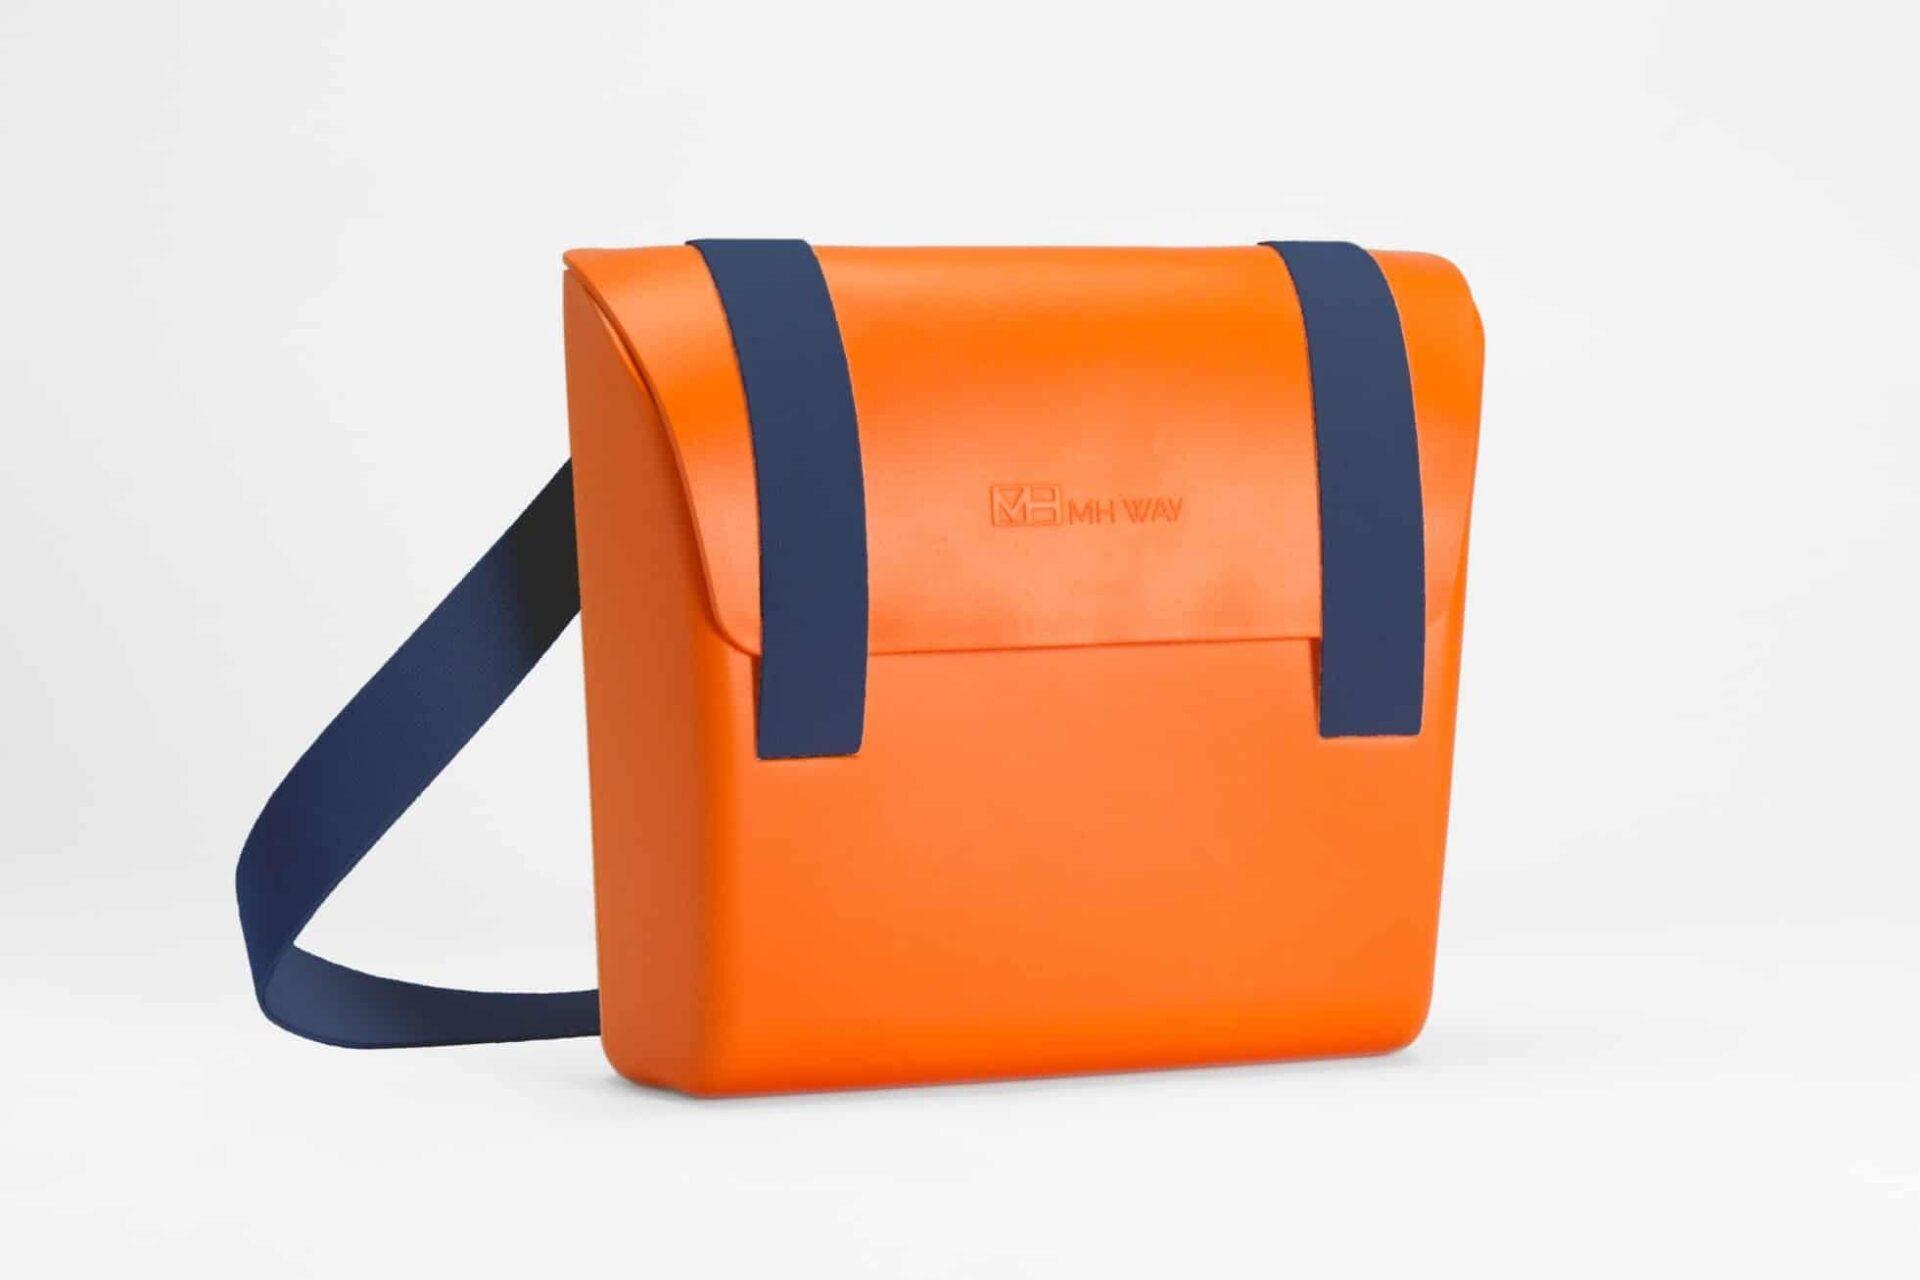 Mix Match by MH WAY: una borsa dall'estetica minimalista e fortemente innovativa